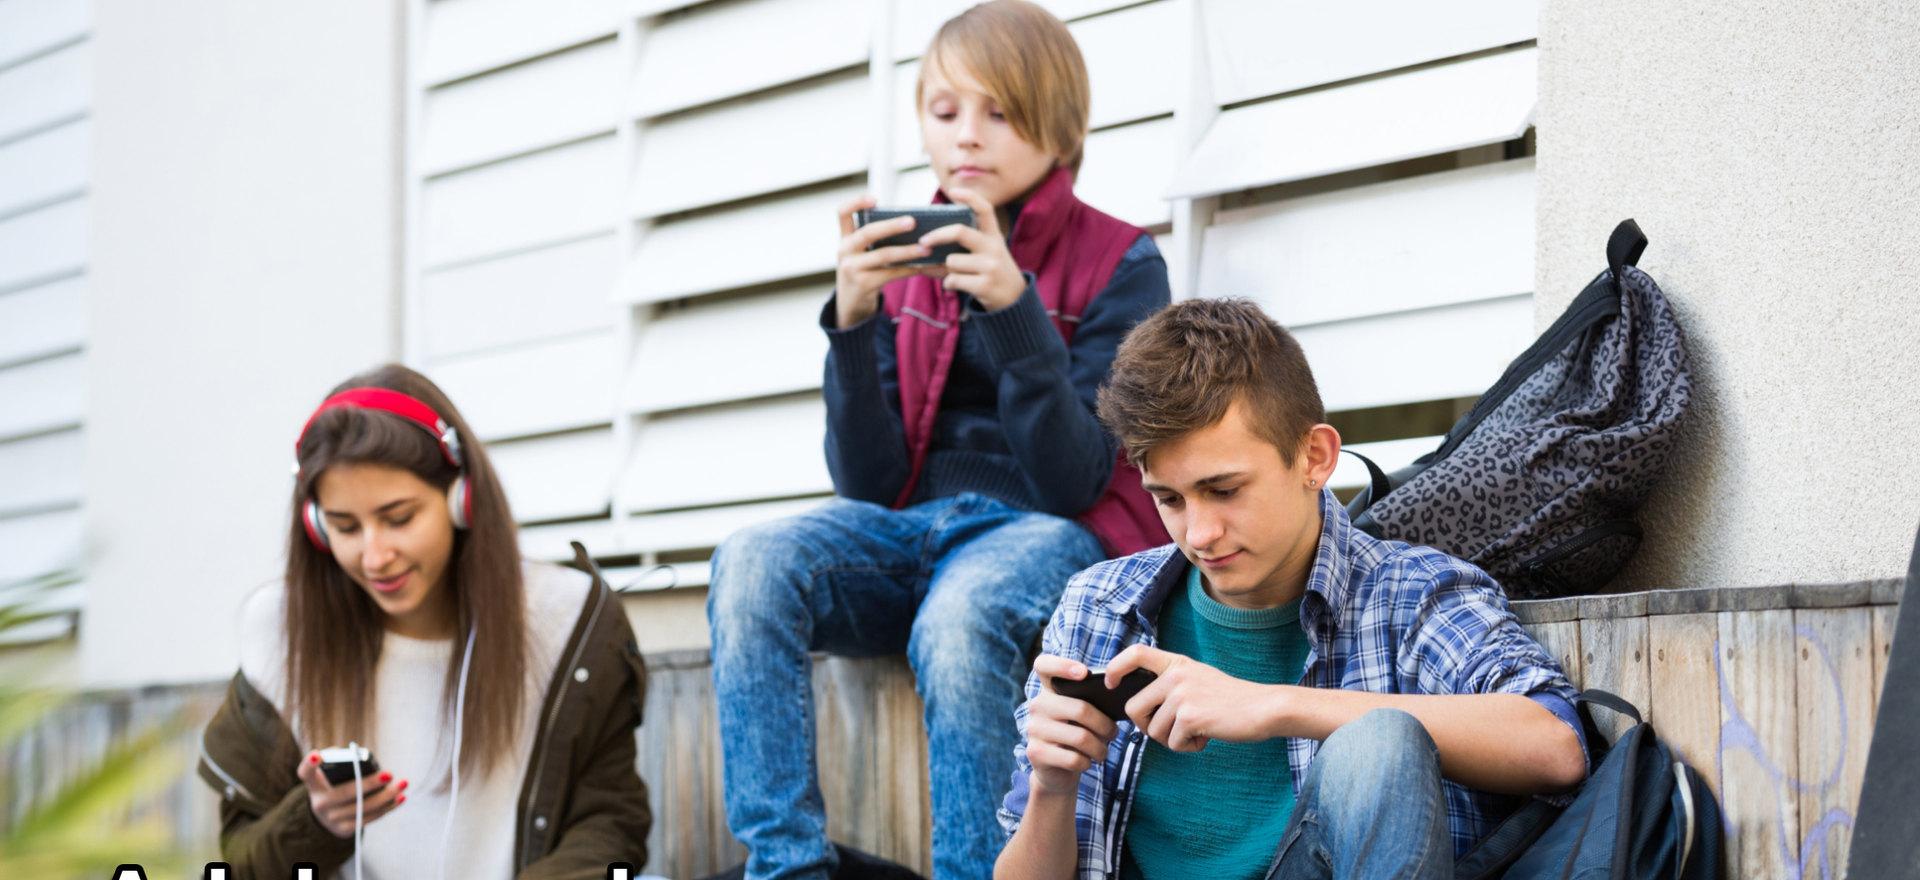 Adolescentes-el-futuro-de-la-especie-es-